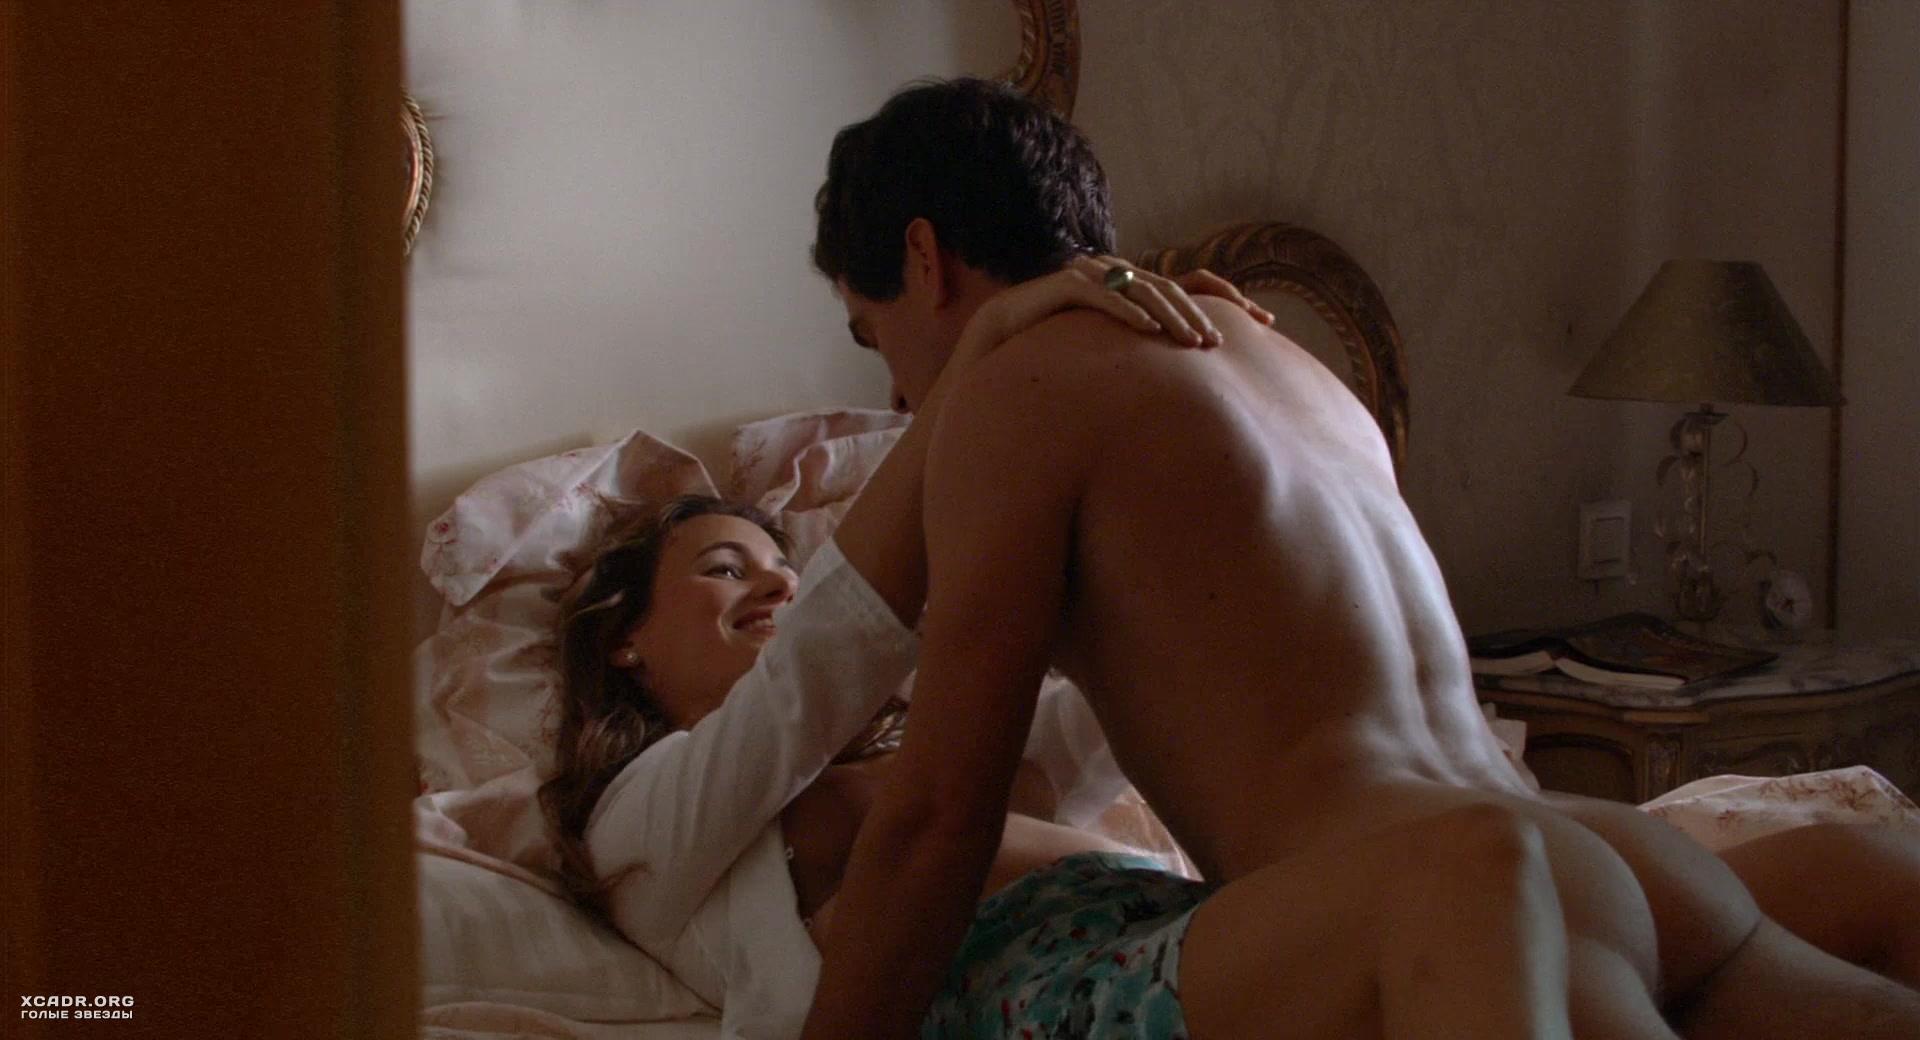 порно сцены из фильма интим здесь найдете